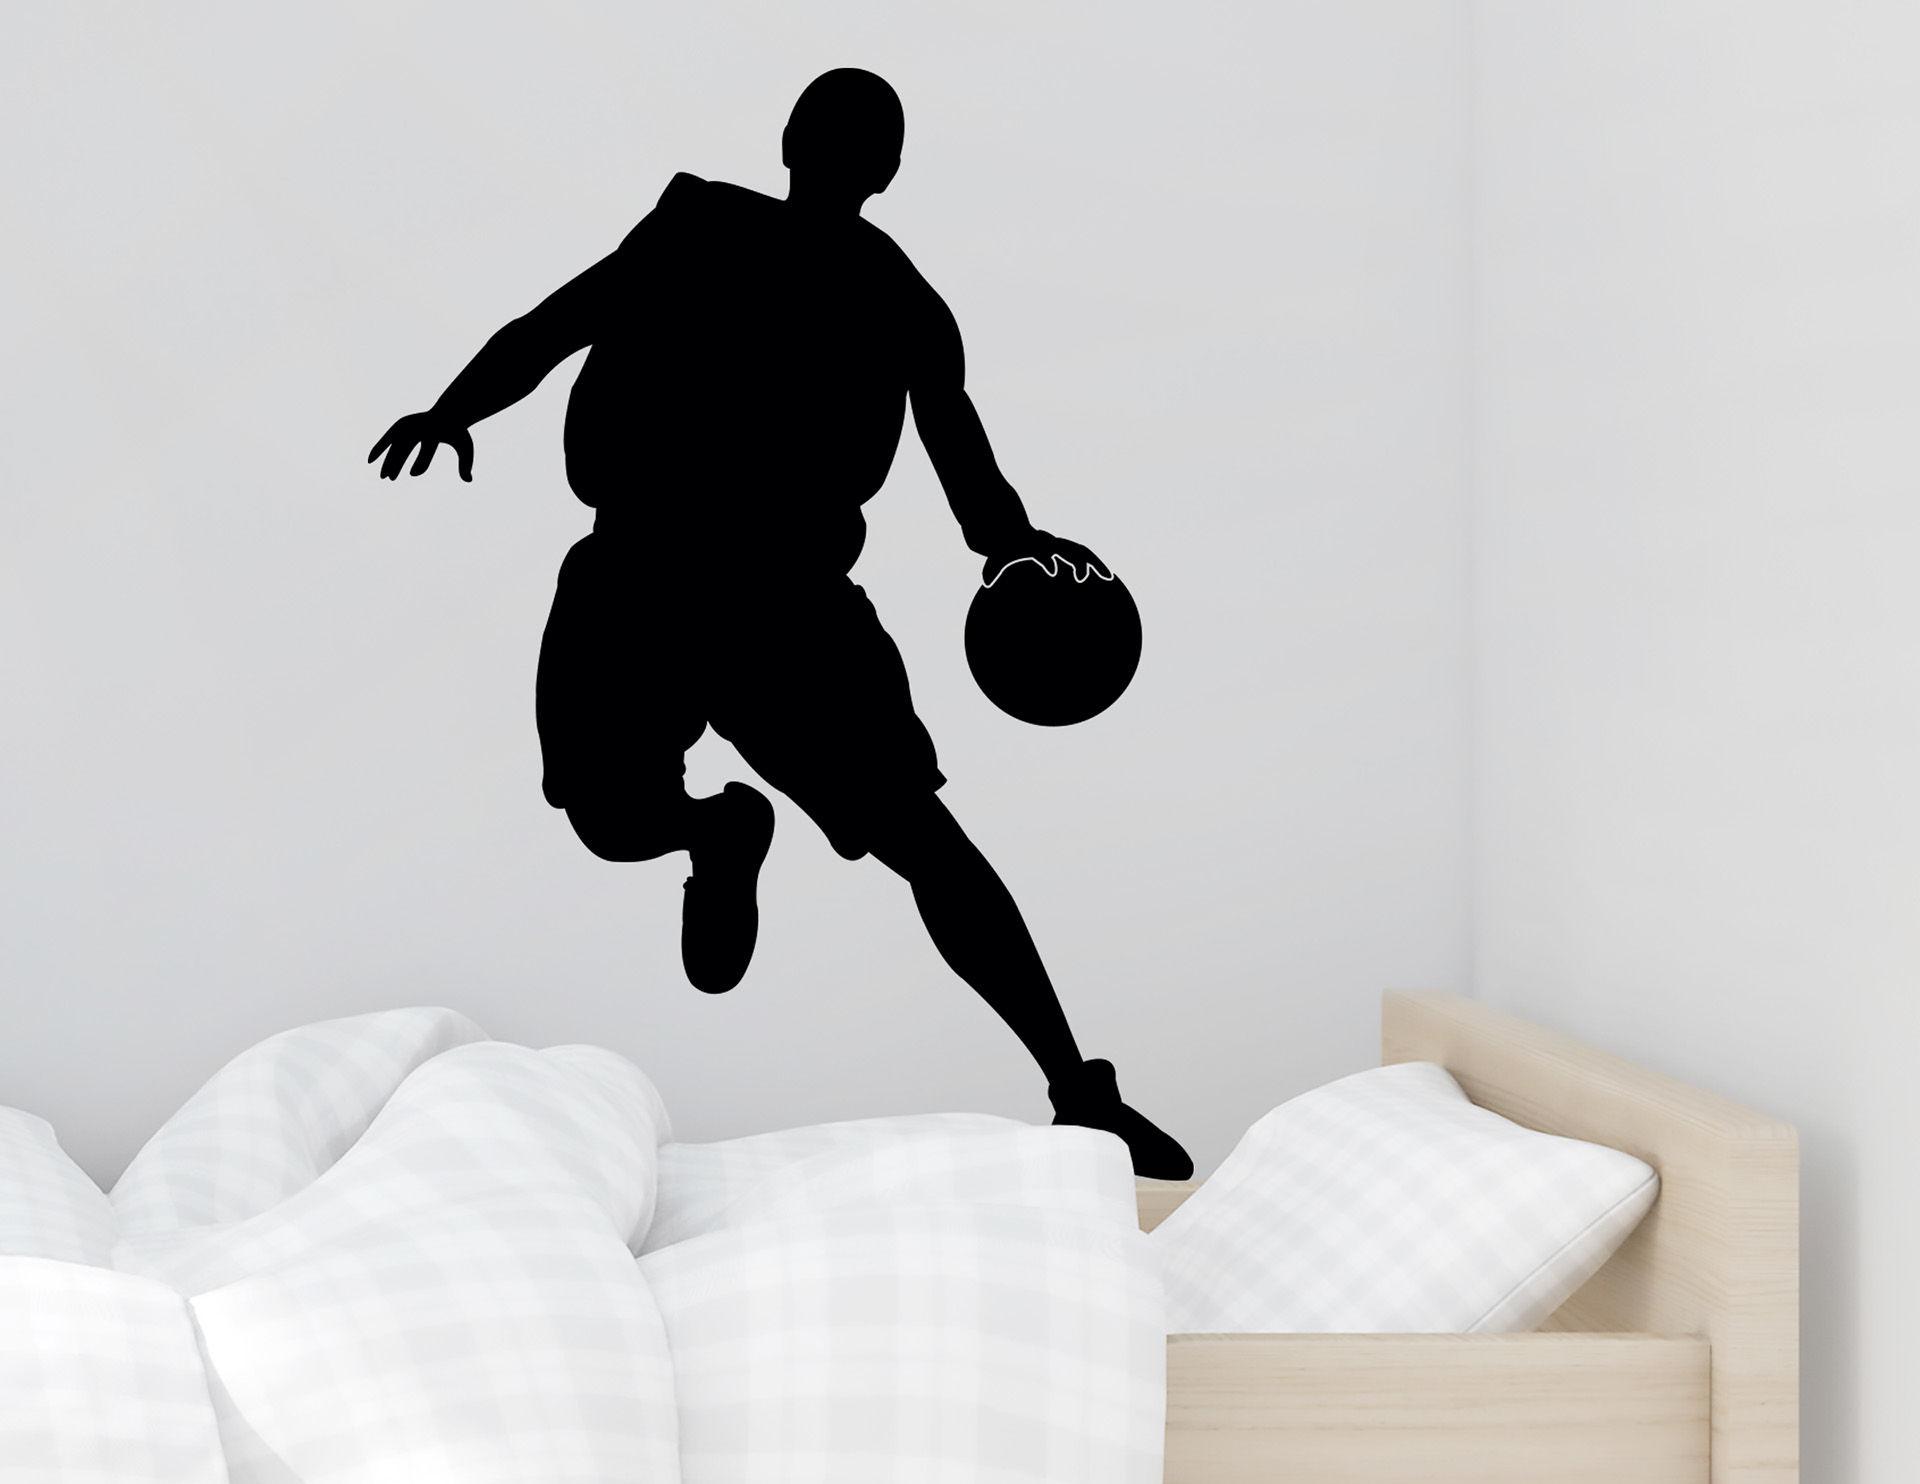 Wandtattoo Basketballer #1